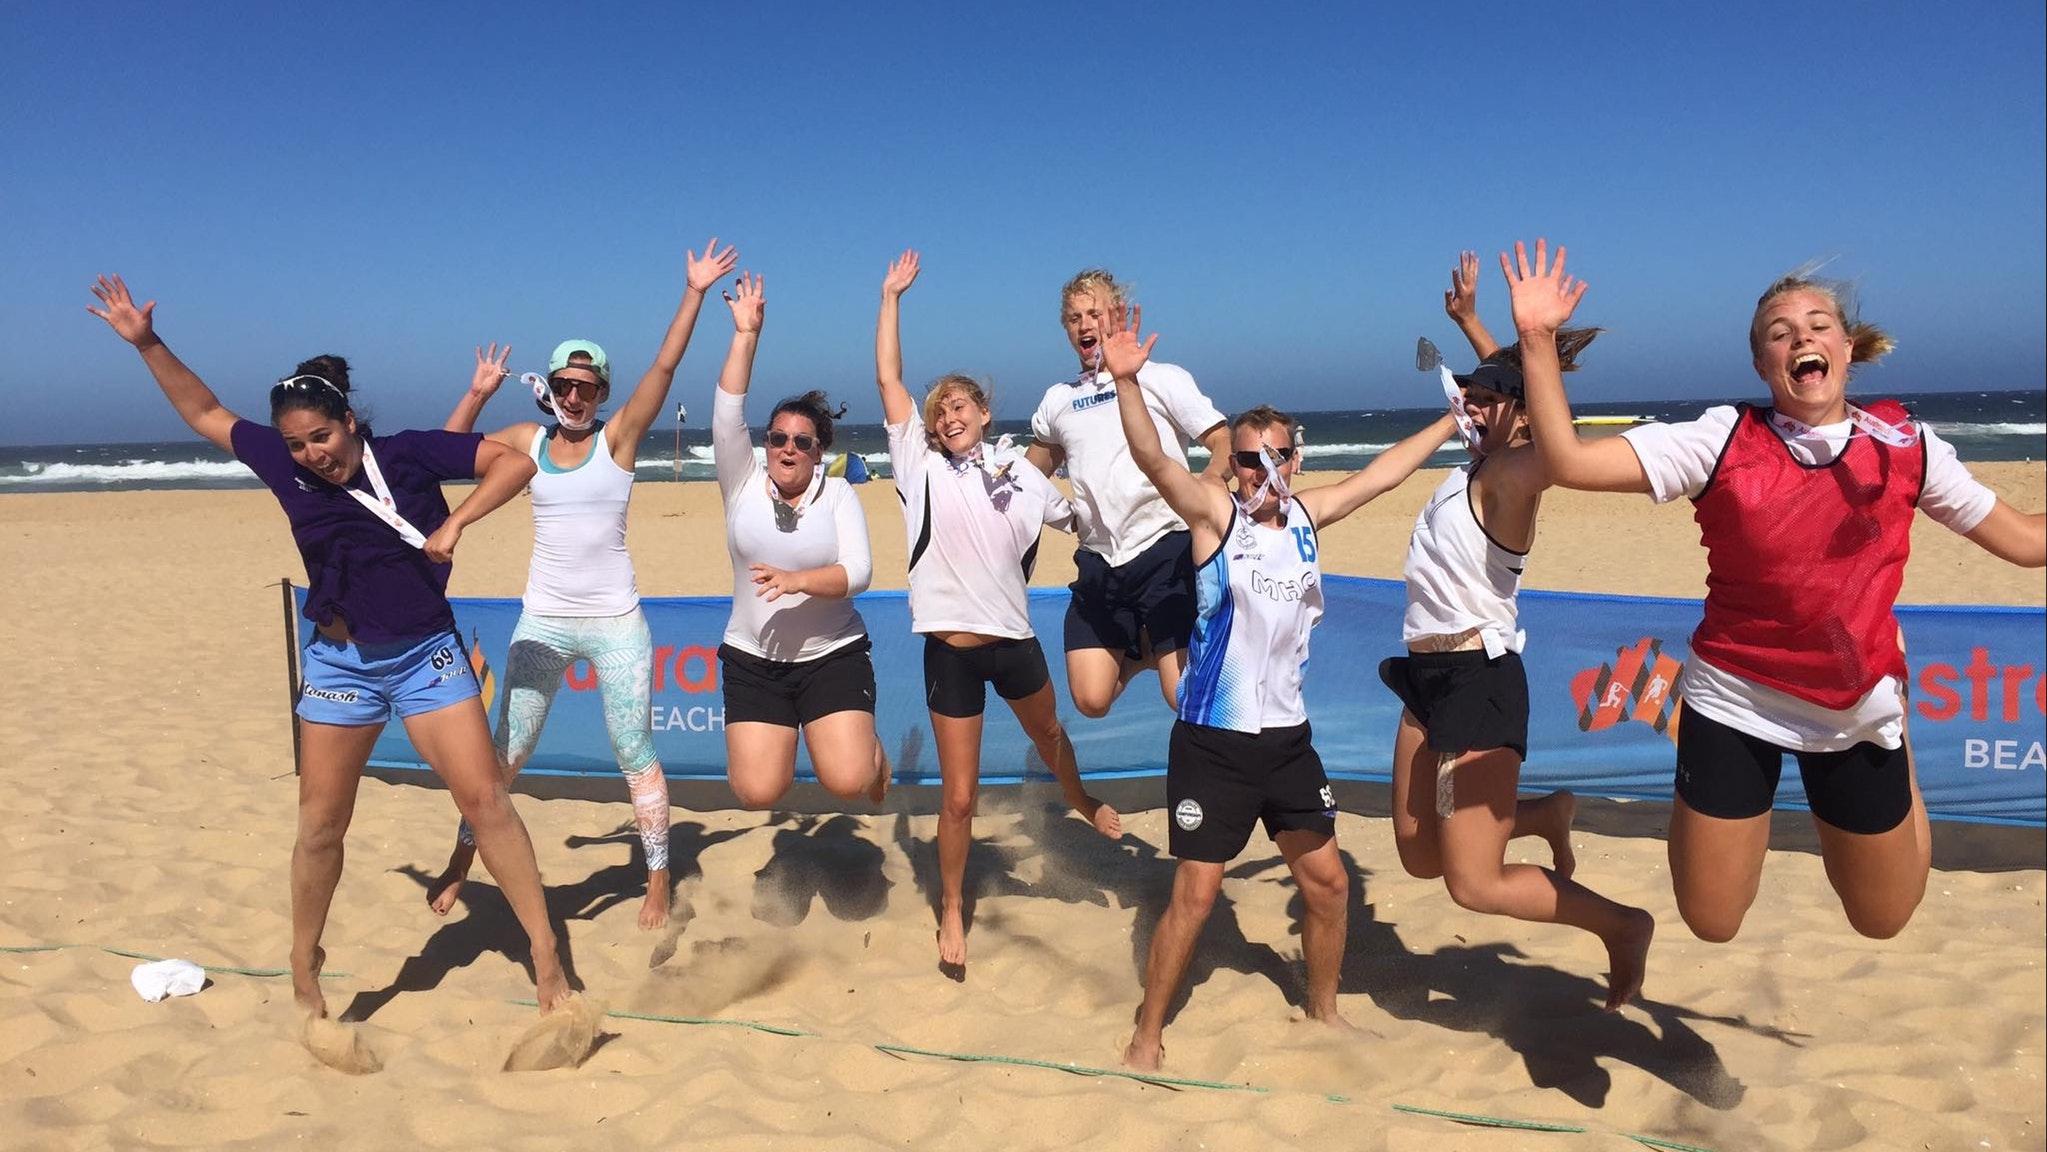 Australian Beach Games fun